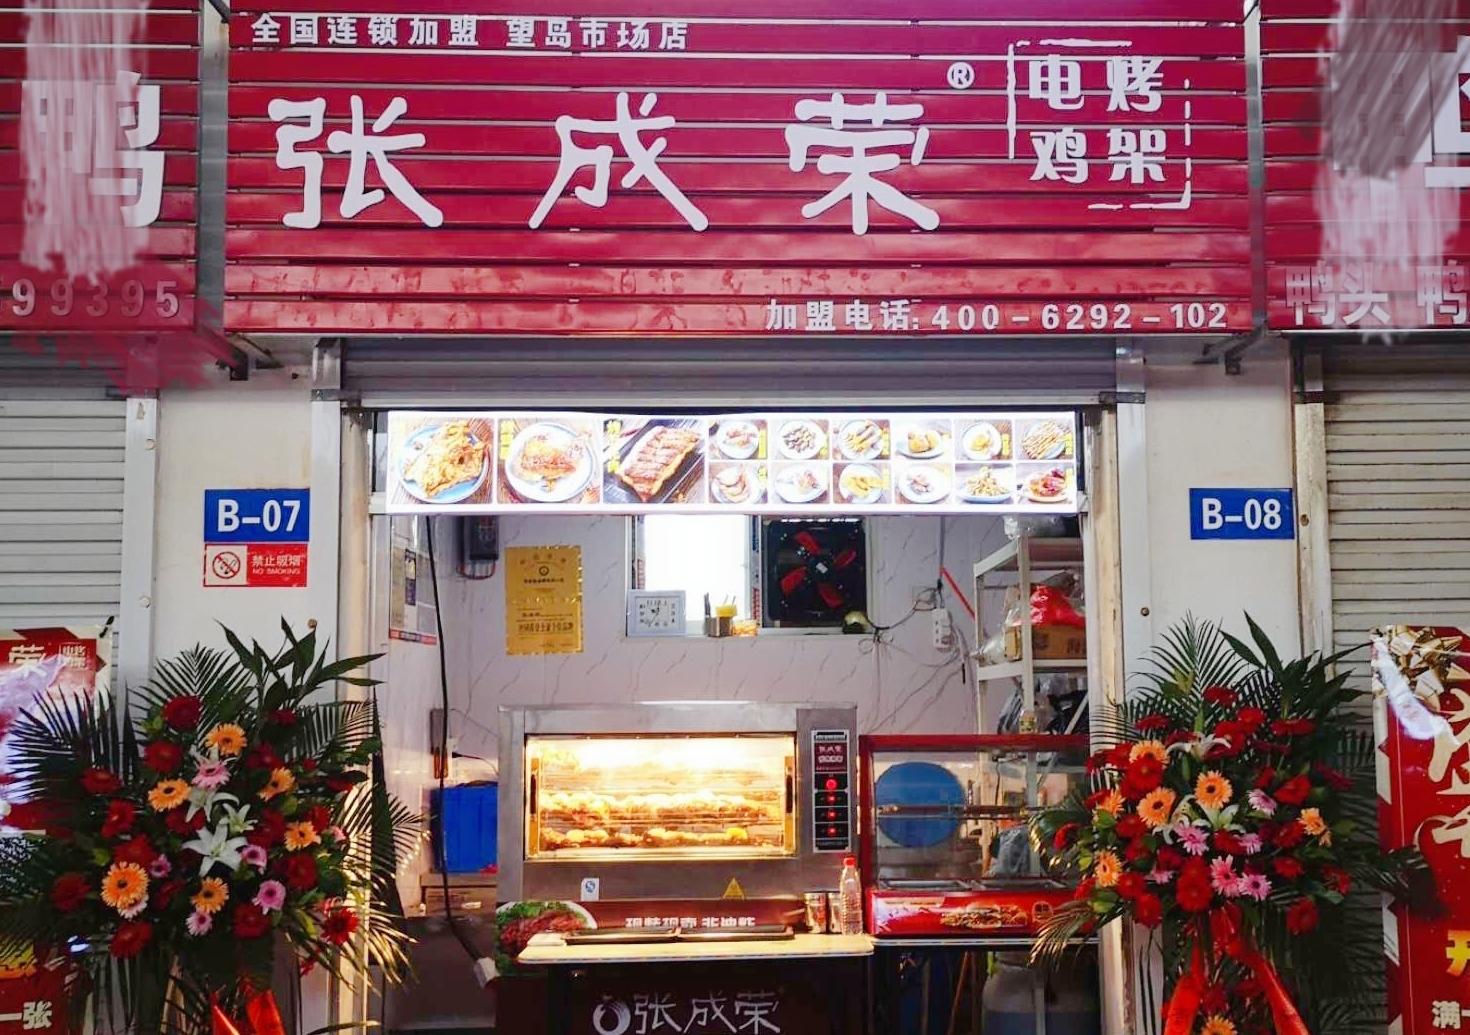 张成荣电烤鸡架威海望岛农贸市场店今日开业!